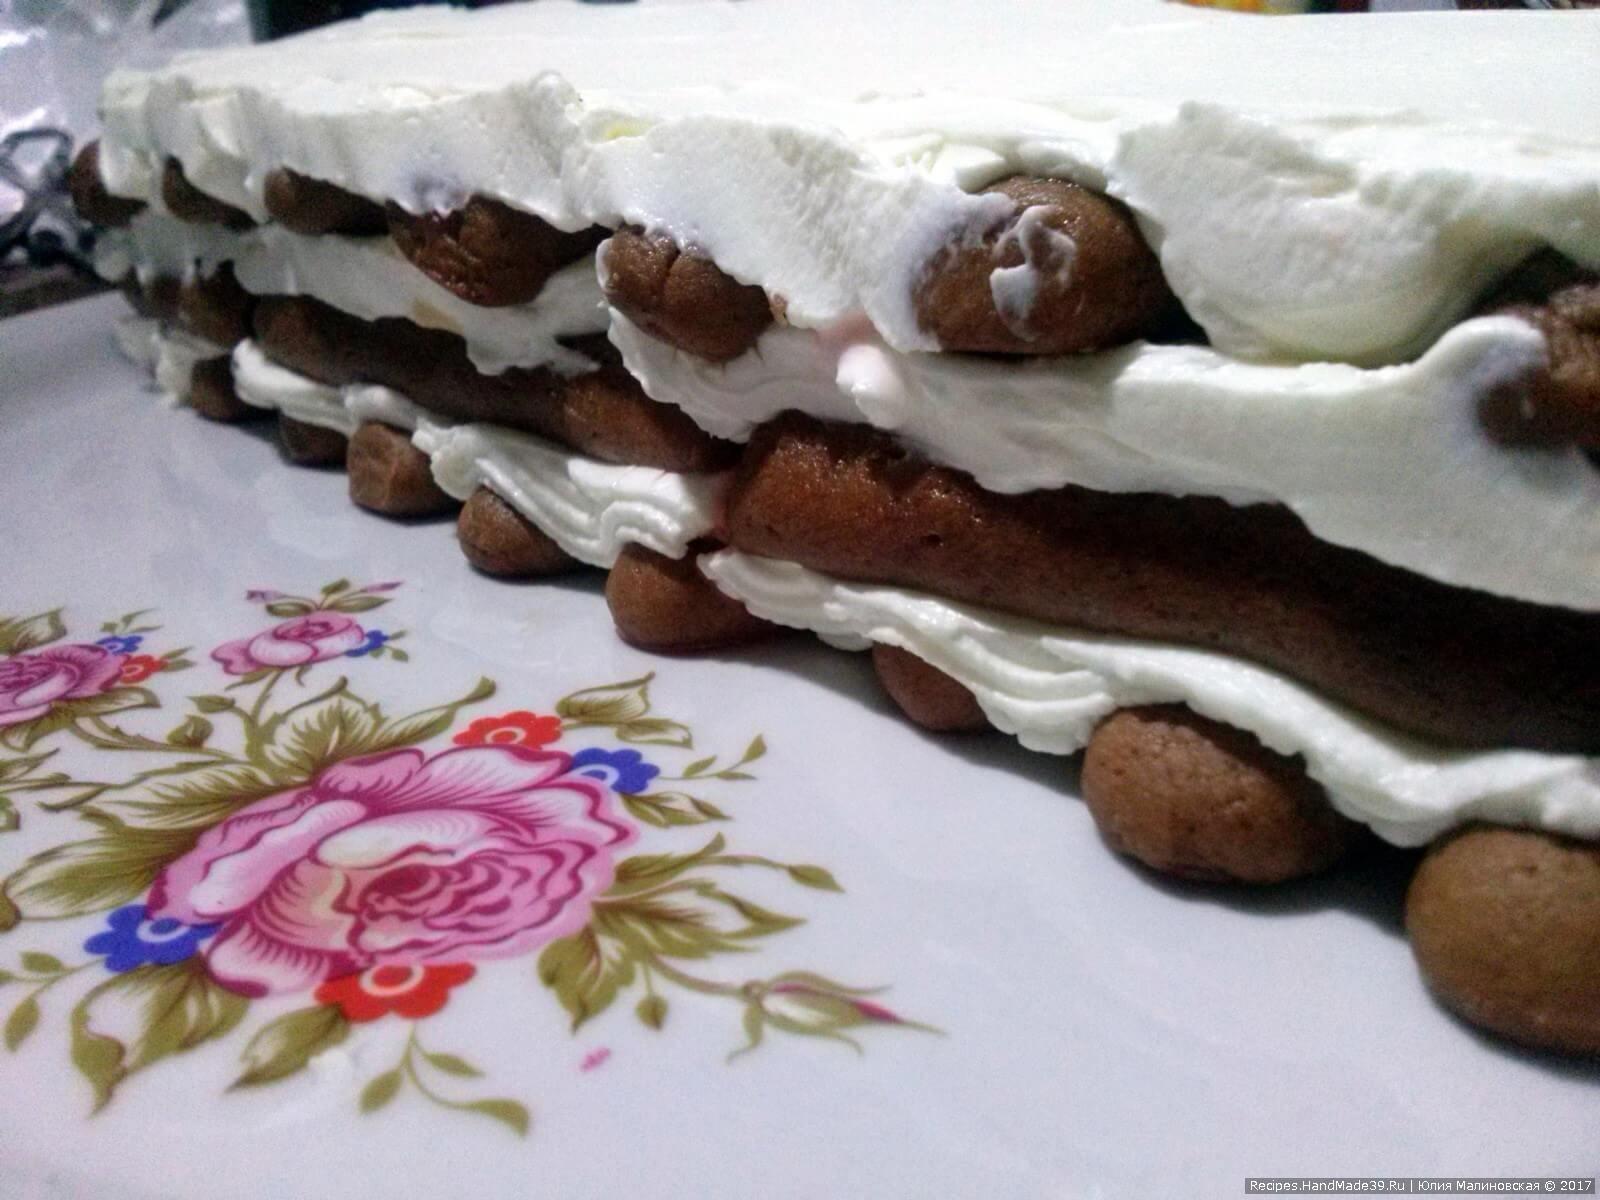 Выложить последний слой печенья и намазать слоем крема